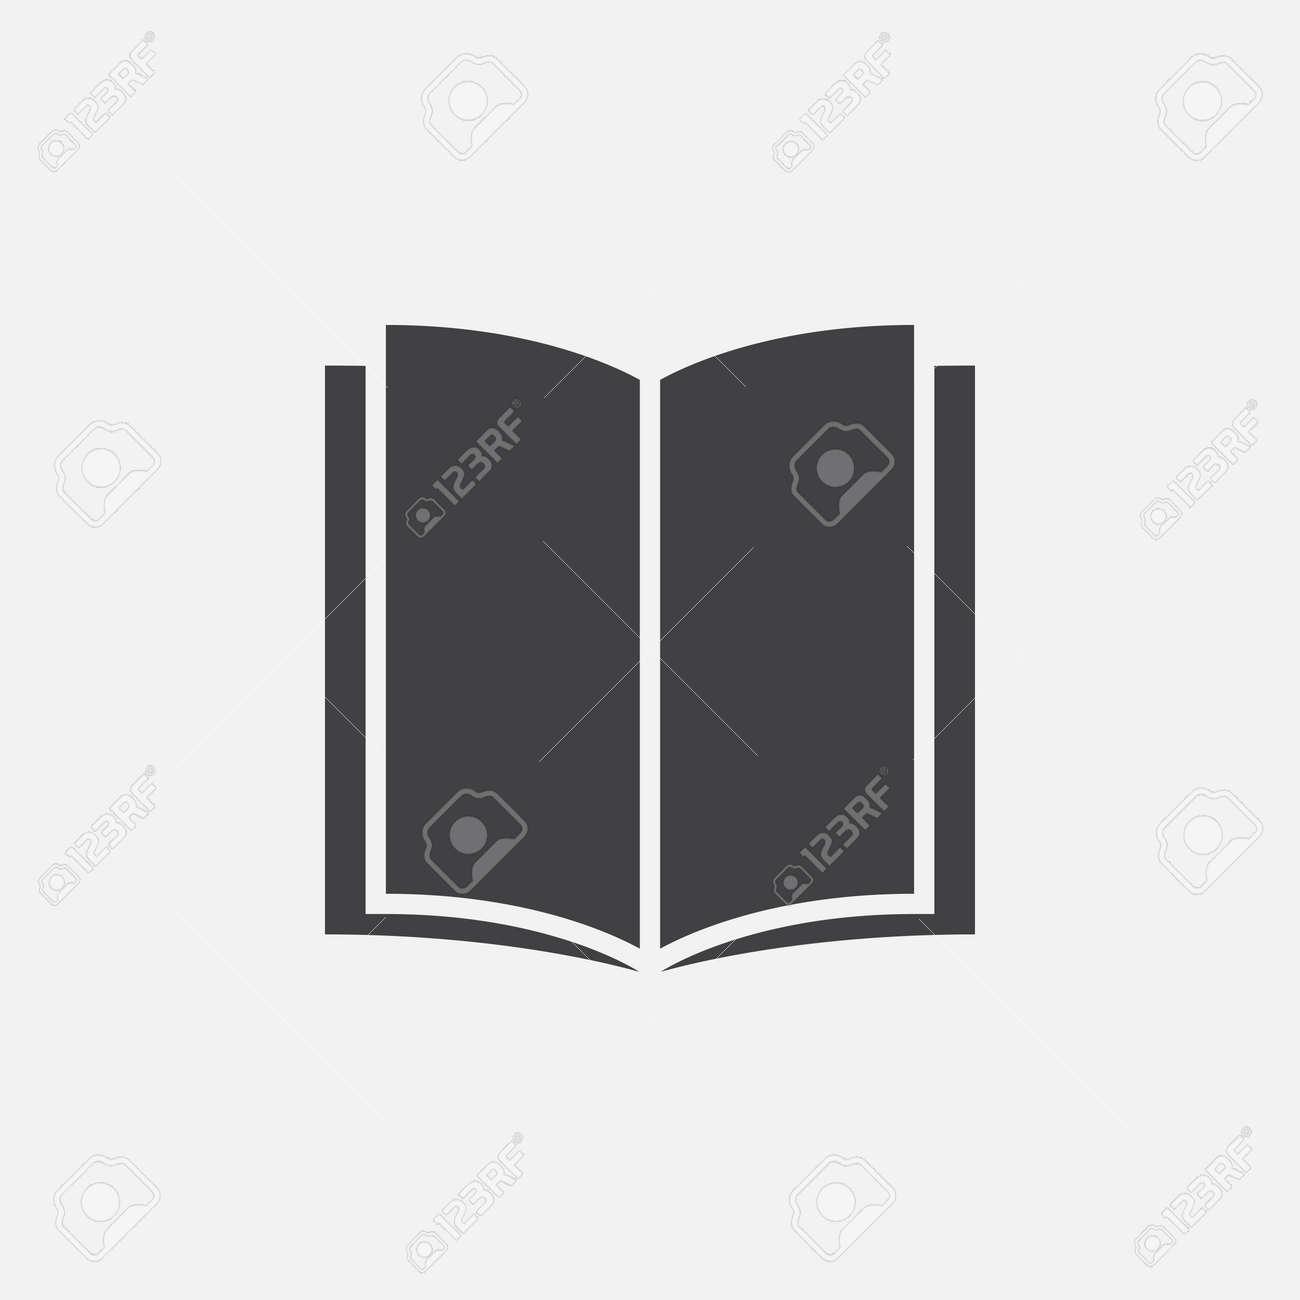 Livre Solide Icone Illustration Vectorielle Pictogramme Isole Sur Blanc